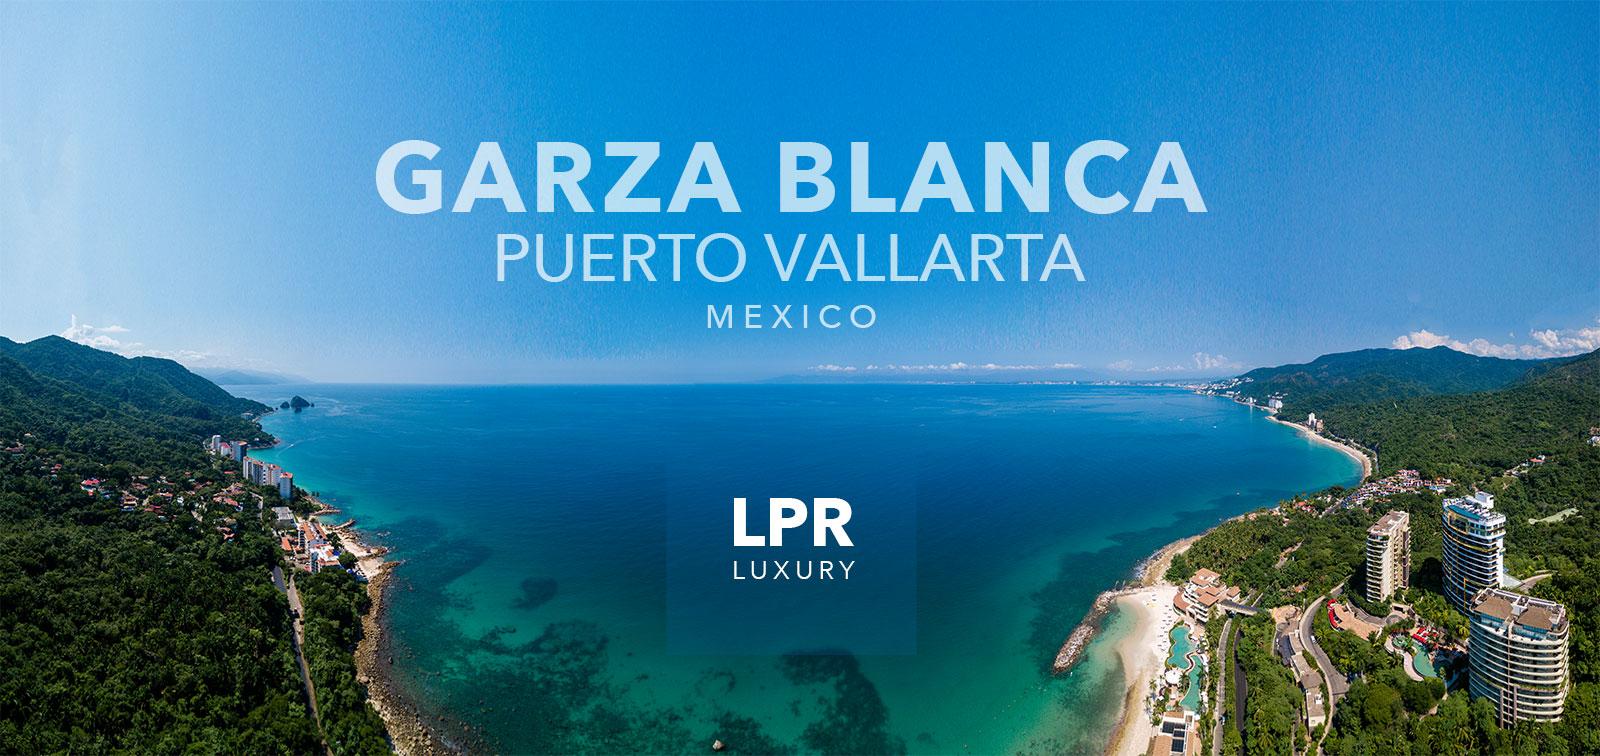 Garza Blanca - South Shore Puerto Vallarta Luxury Condominiums For Sale and Rent